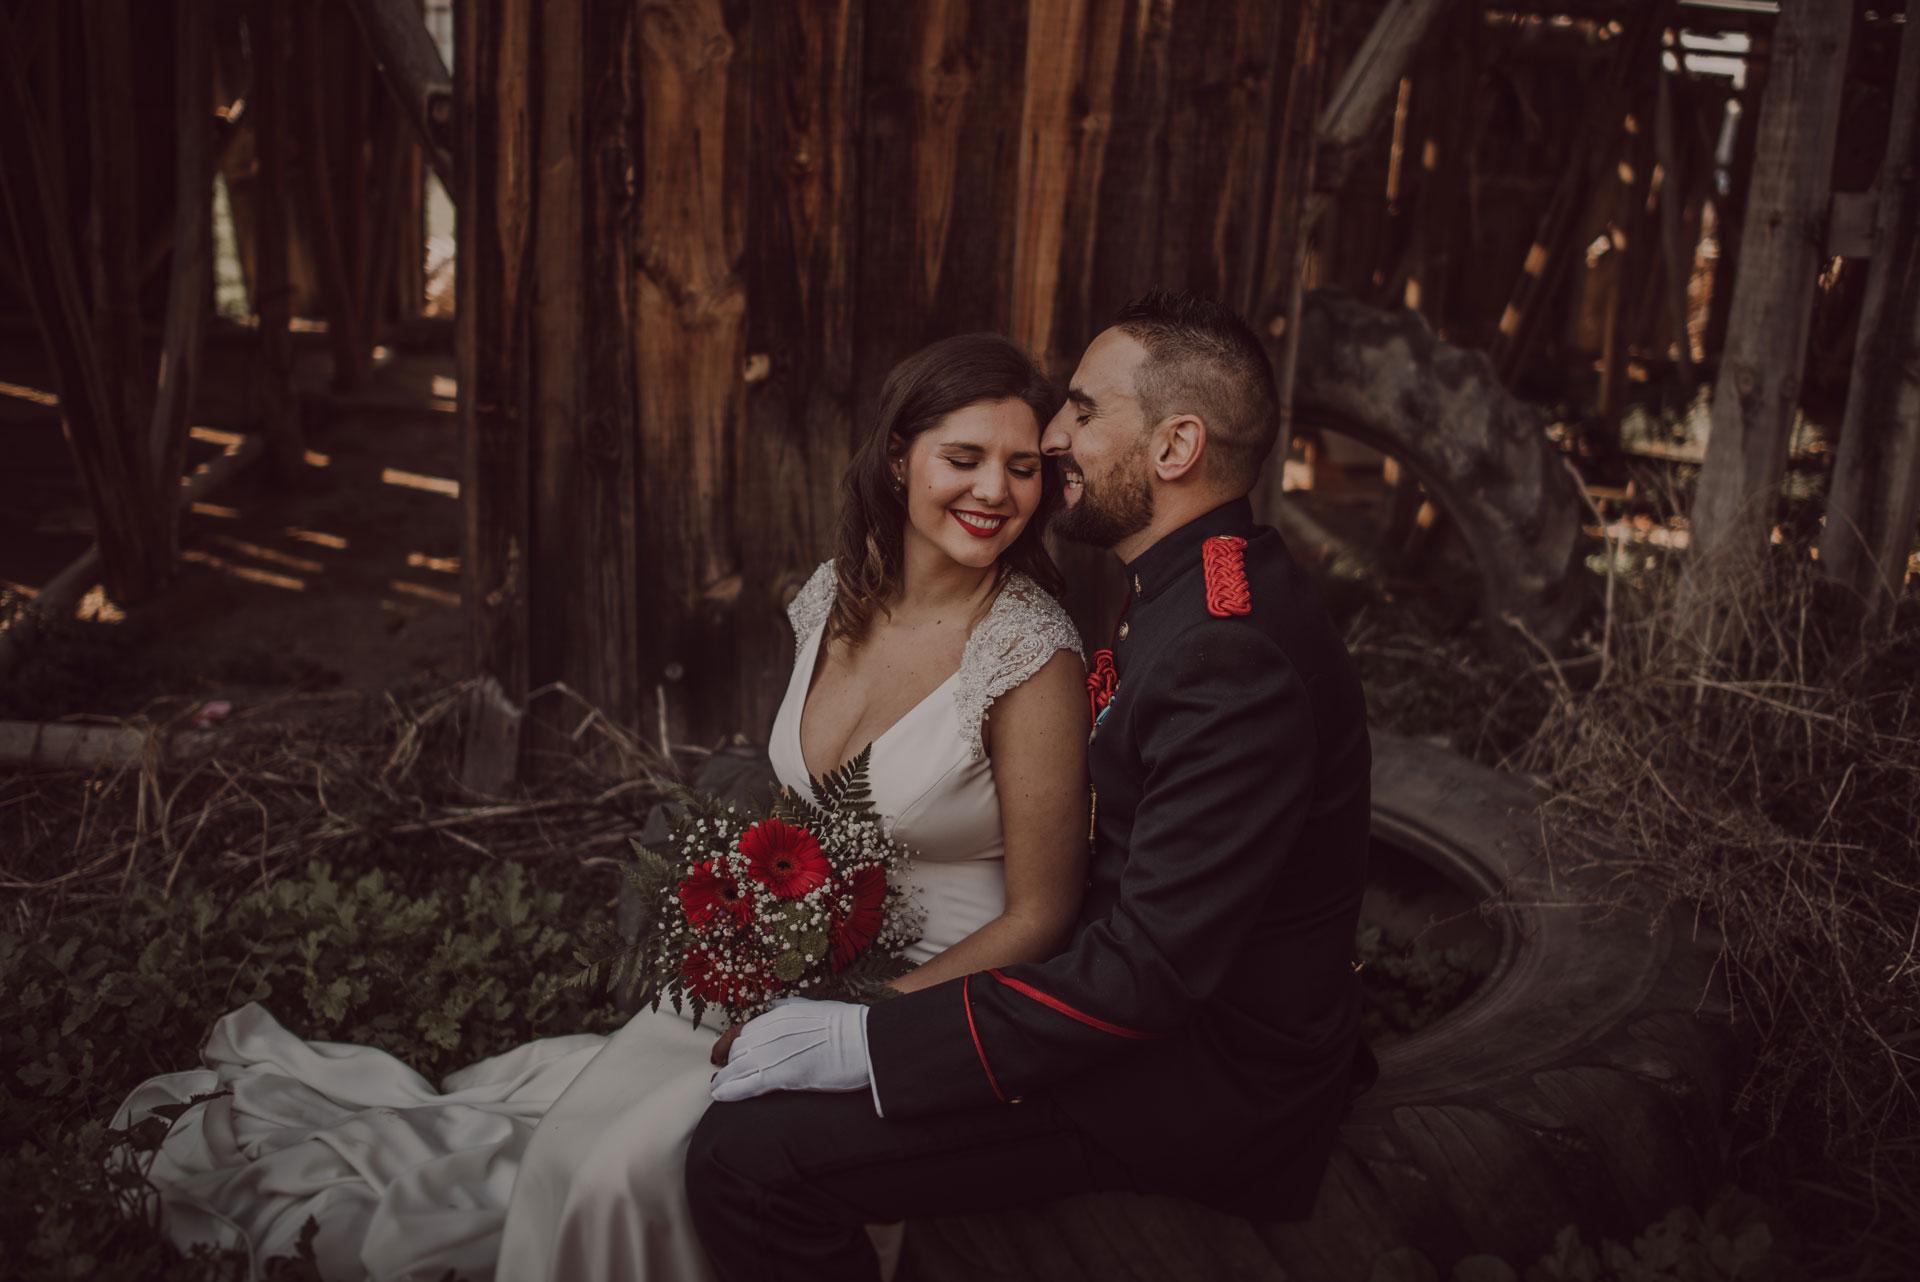 fotografos de bodas en granada miguel moba